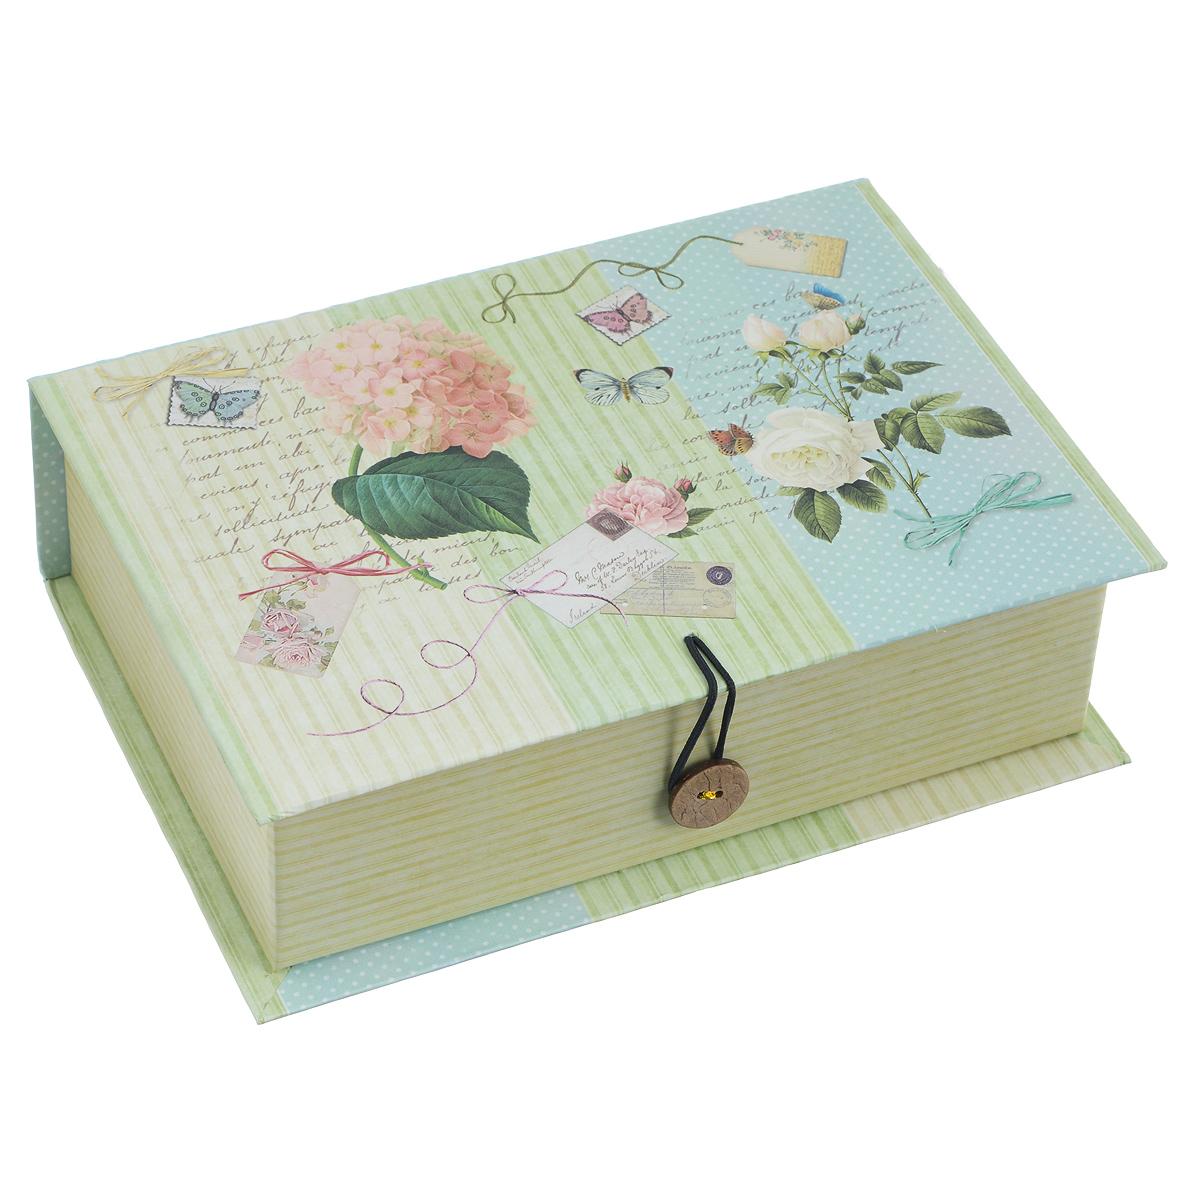 Подарочная коробка Феникс-Презент Нежность, 18 х 12 х 5 см39466Подарочная коробка Нежность выполнена из плотного картона. Изделие оформлено изображением цветов и поздравительных открыток. Коробка закрывается на пуговицу.Подарочная коробка - это наилучшее решение, если вы хотите порадовать ваших близких и создать праздничное настроение, ведь подарок, преподнесенный в оригинальной упаковке, всегда будет самым эффектным и запоминающимся. Окружите близких людей вниманием и заботой, вручив презент в нарядном, праздничном оформлении.Плотность картона: 1100 г/м2.